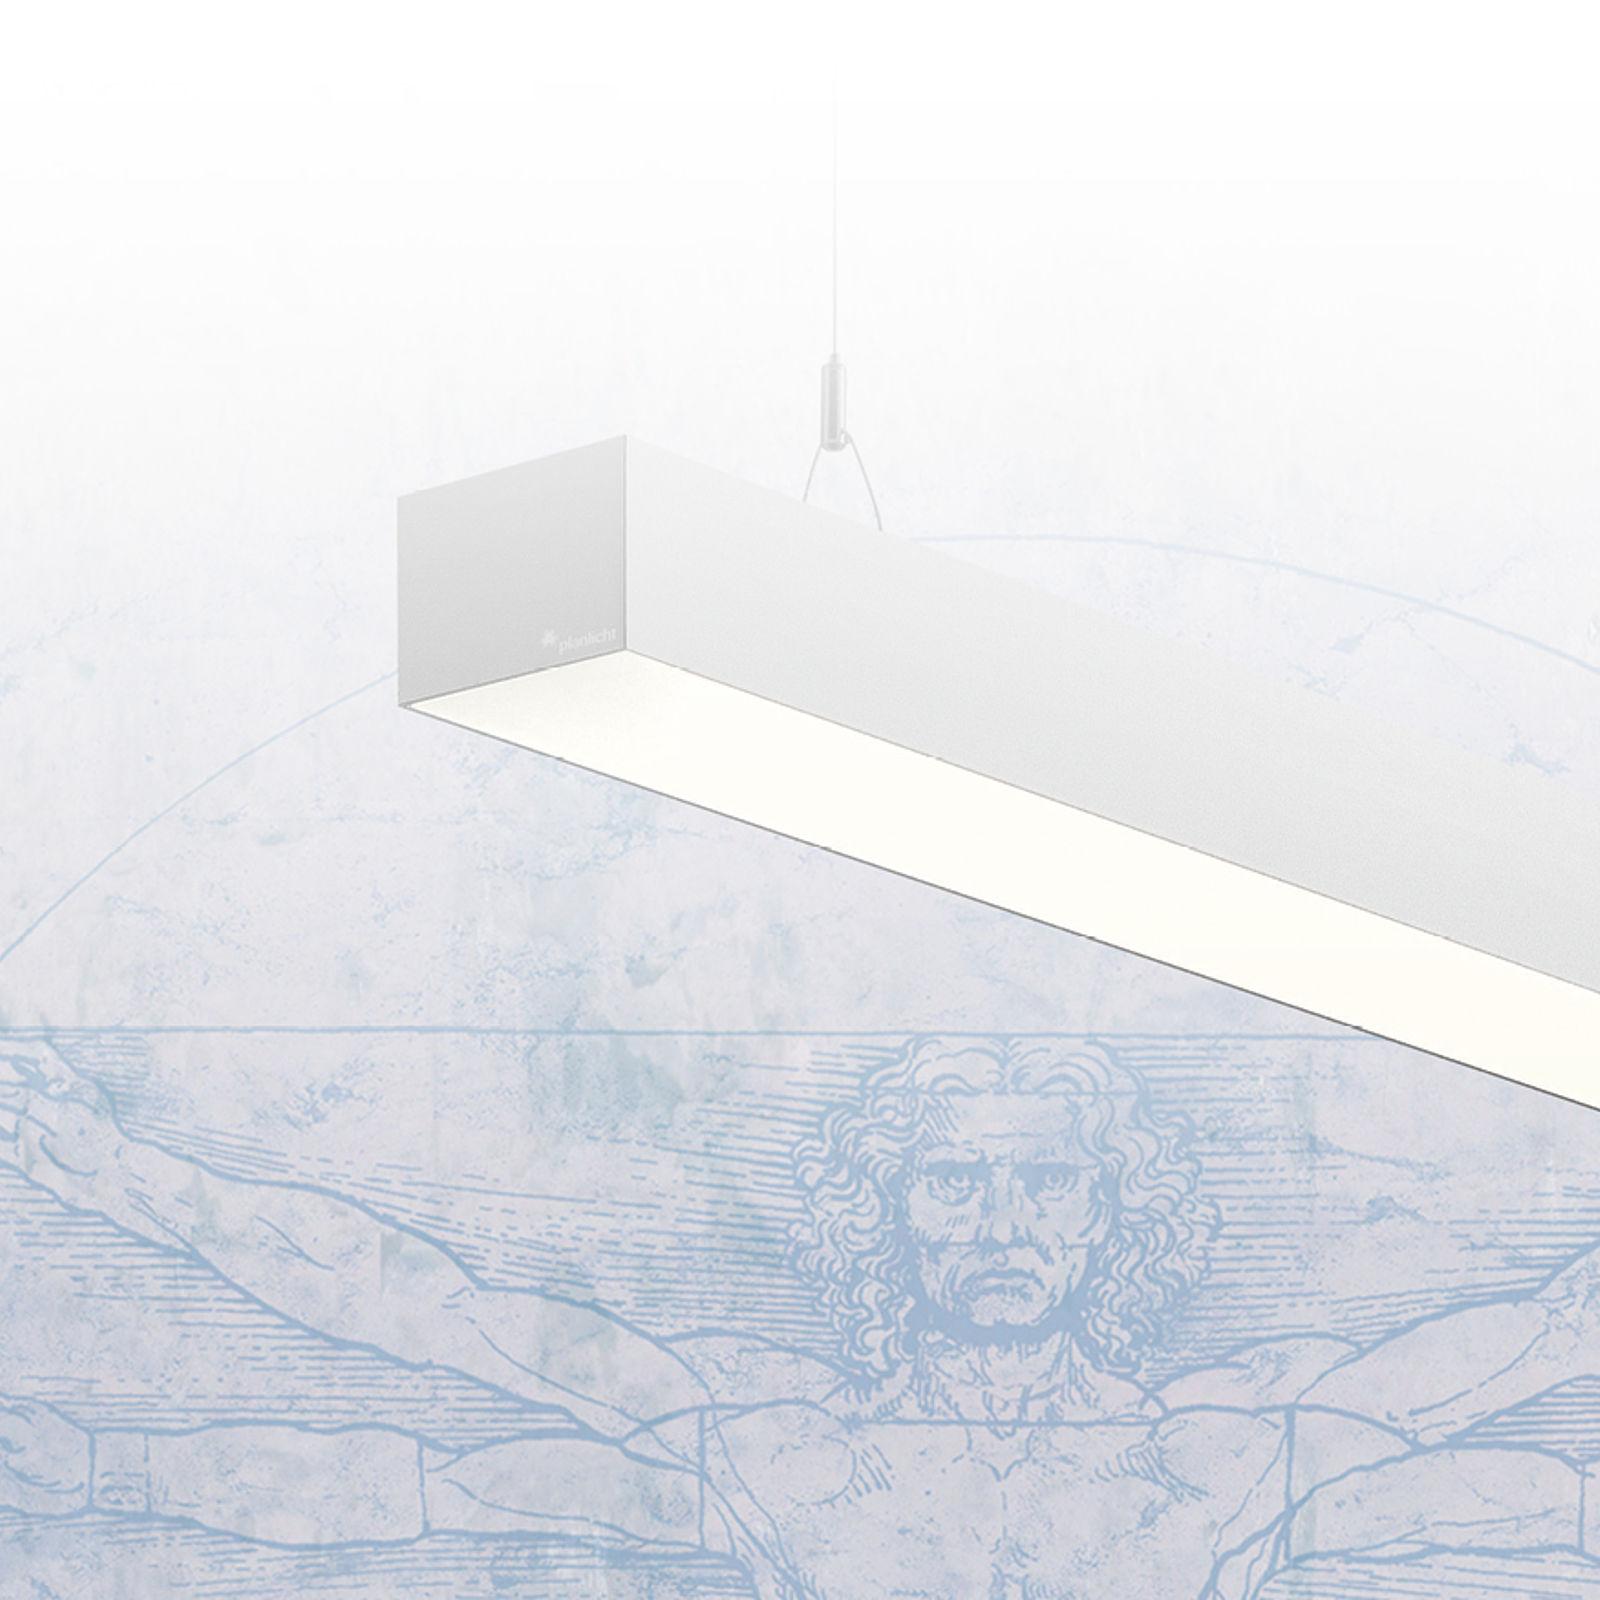 Beleuchtung Com   Beleuchtung Lichtplanung Lichtgestaltung News In Sudtirol Hr